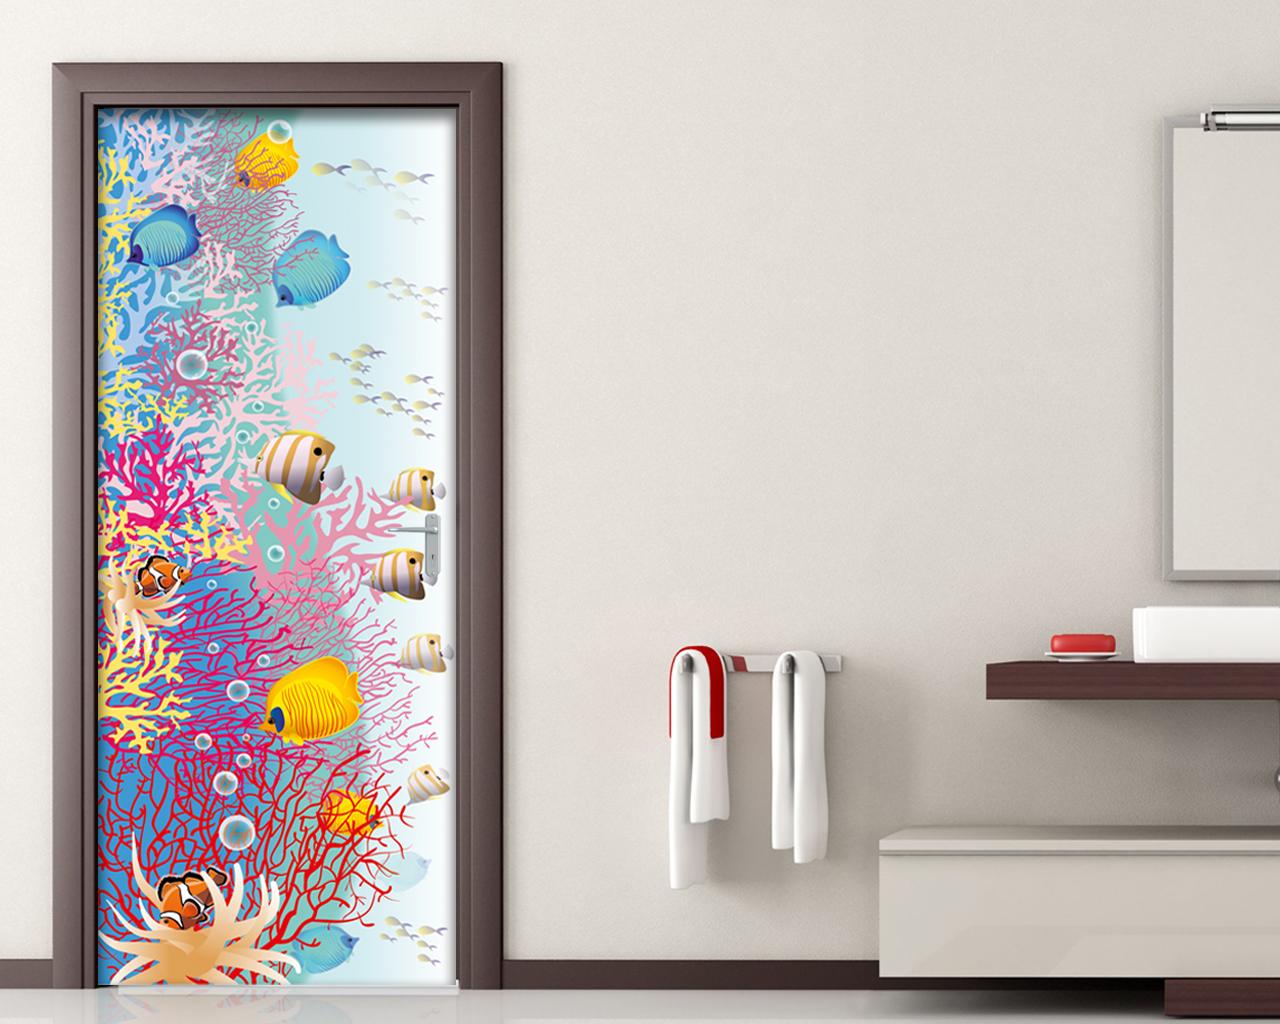 Tra pesci tropicali animali adesivo per porte interni decori adesivi murali wall - Decorazioni porte interne ...